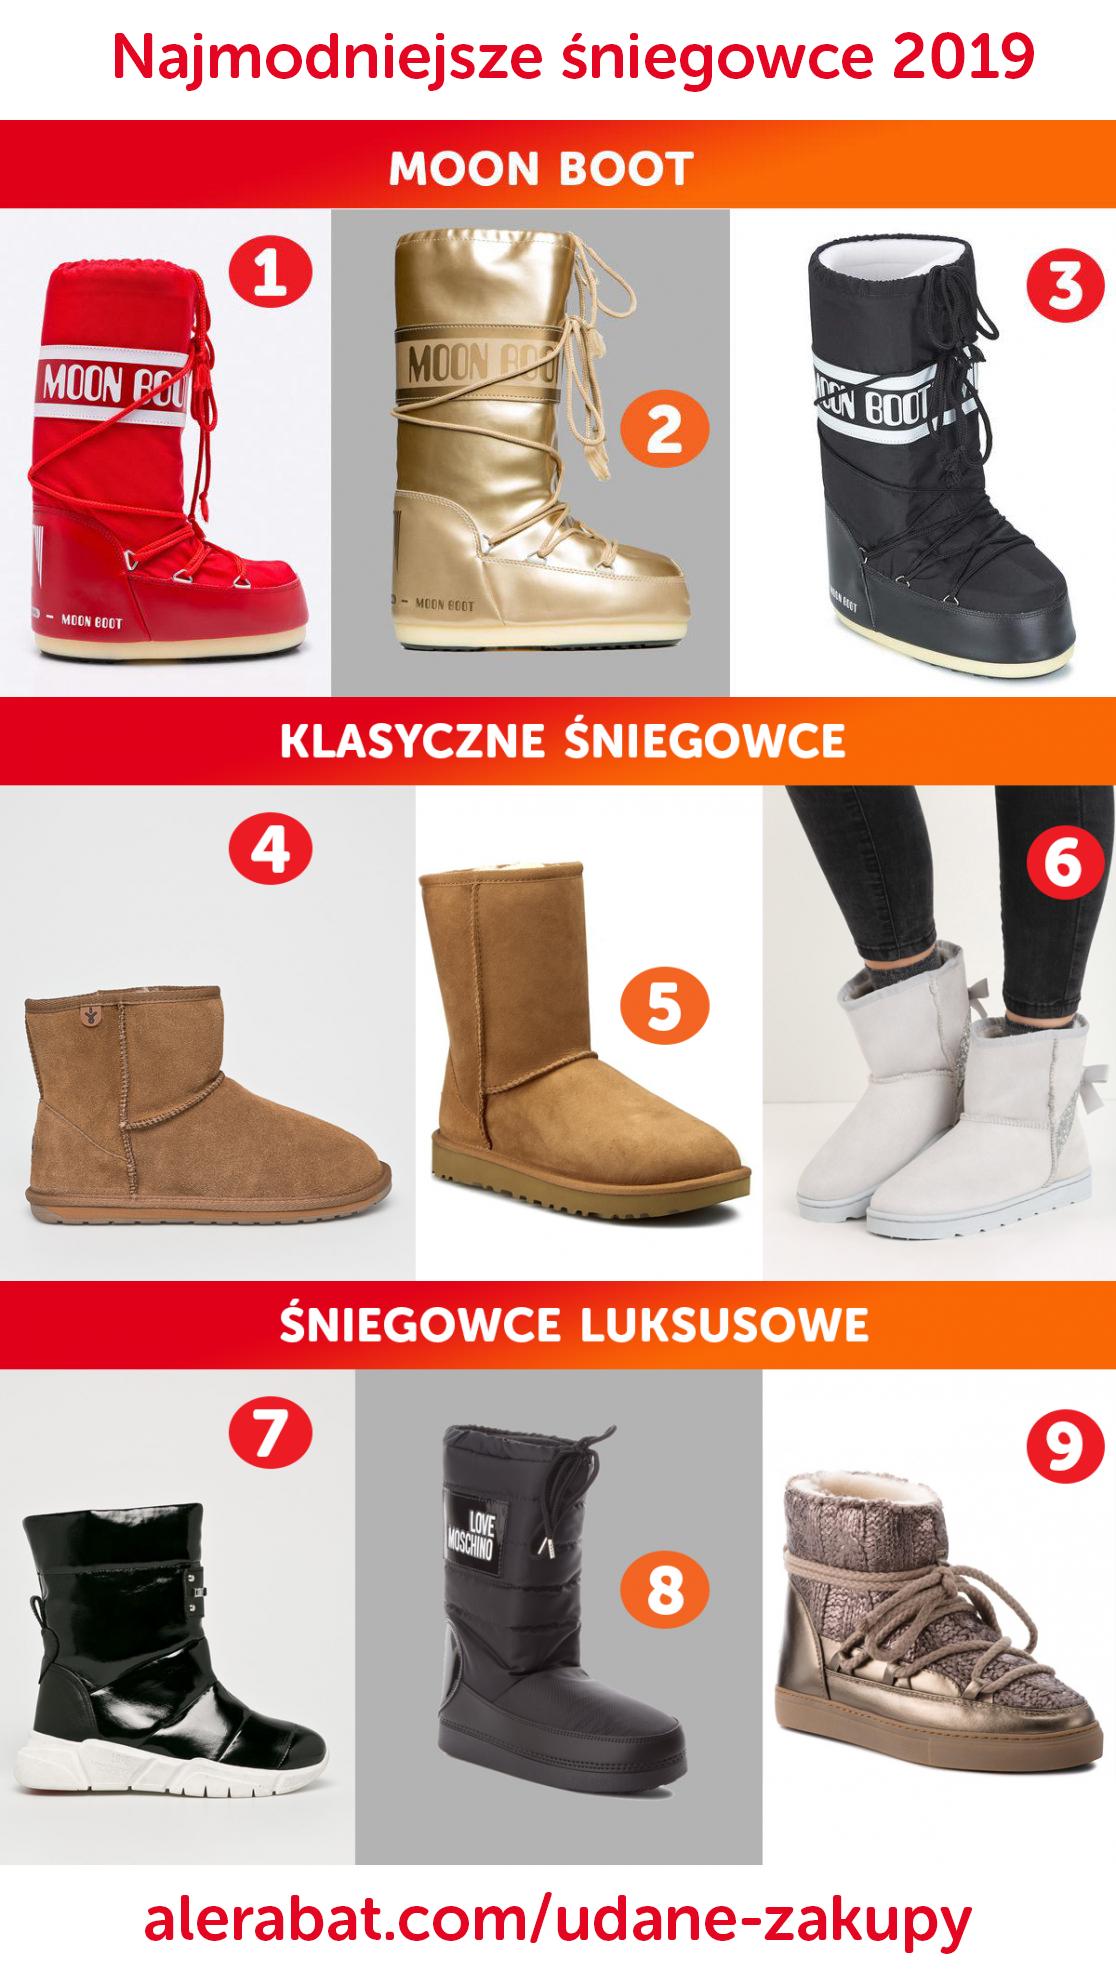 Najpopularniejsze Sniegowce 2019 Moda Fashion Udanezakupy Buty Moda Fashion Fashion Moda